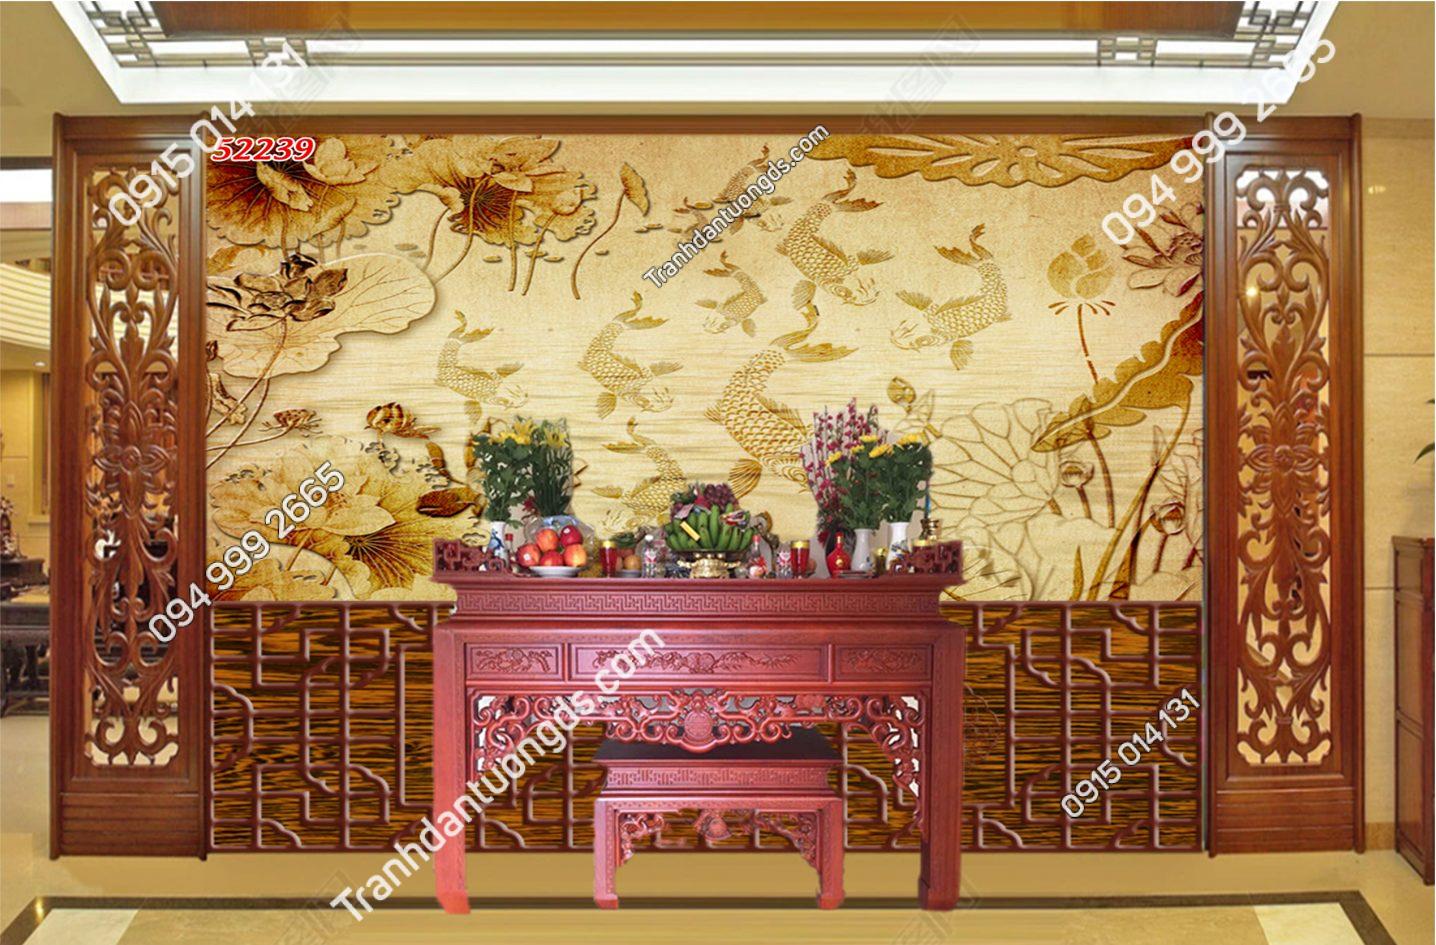 Tranh dán tường trúc chỉ cá chép hoa sen 52239